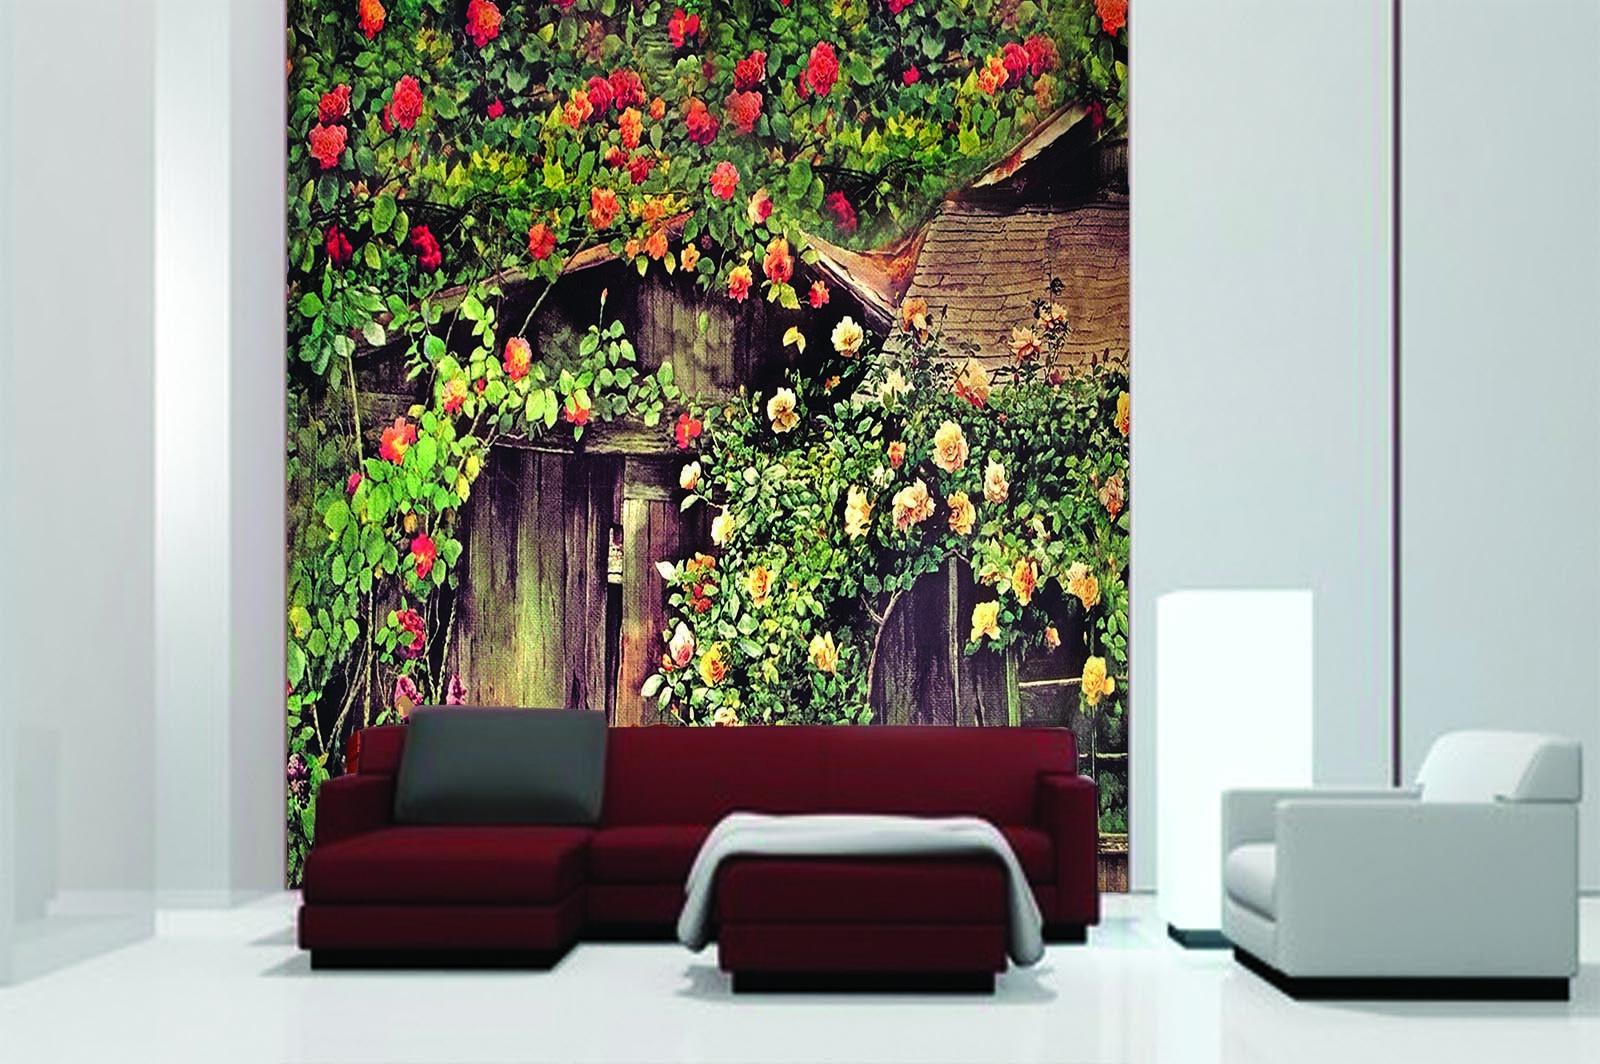 3D Chalet Rosan Rebe 88 88 88 Tapete Wandgemälde Tapete Tapeten Bild Familie DE Summer   Adoptieren    Gutes Design    Hohe Qualität und geringer Aufwand  65328f